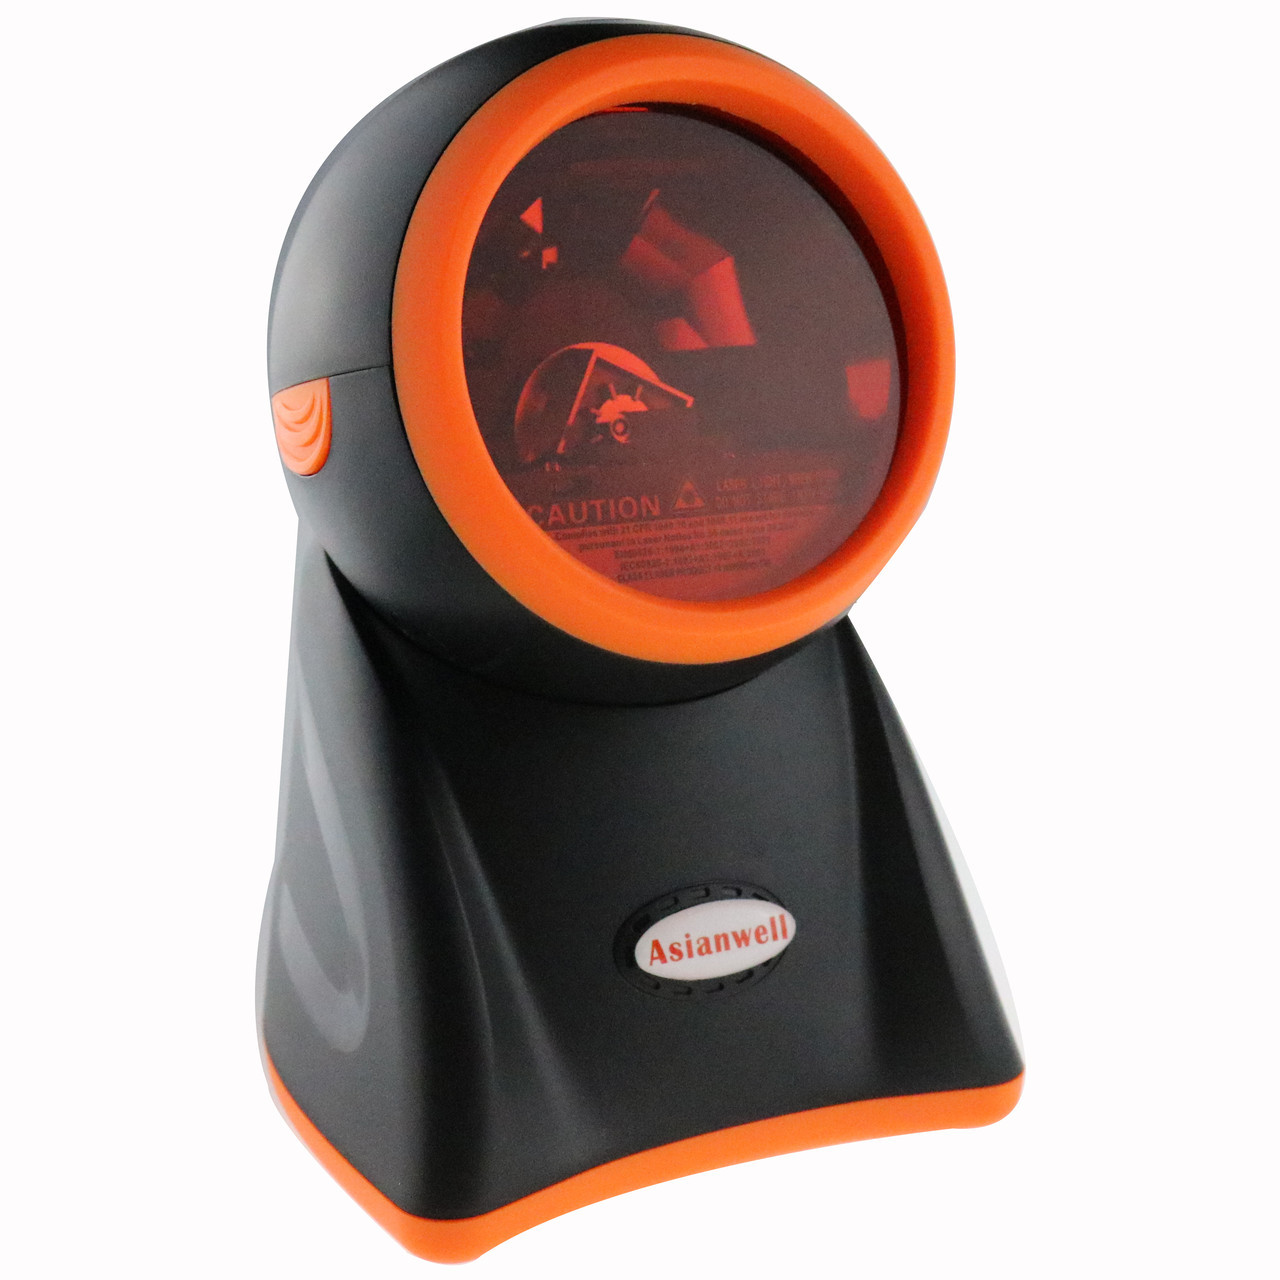 5-ти площинний лазерний сканер штрих-коду провідний AsianWell AW-1080 чорний (AW-1080)